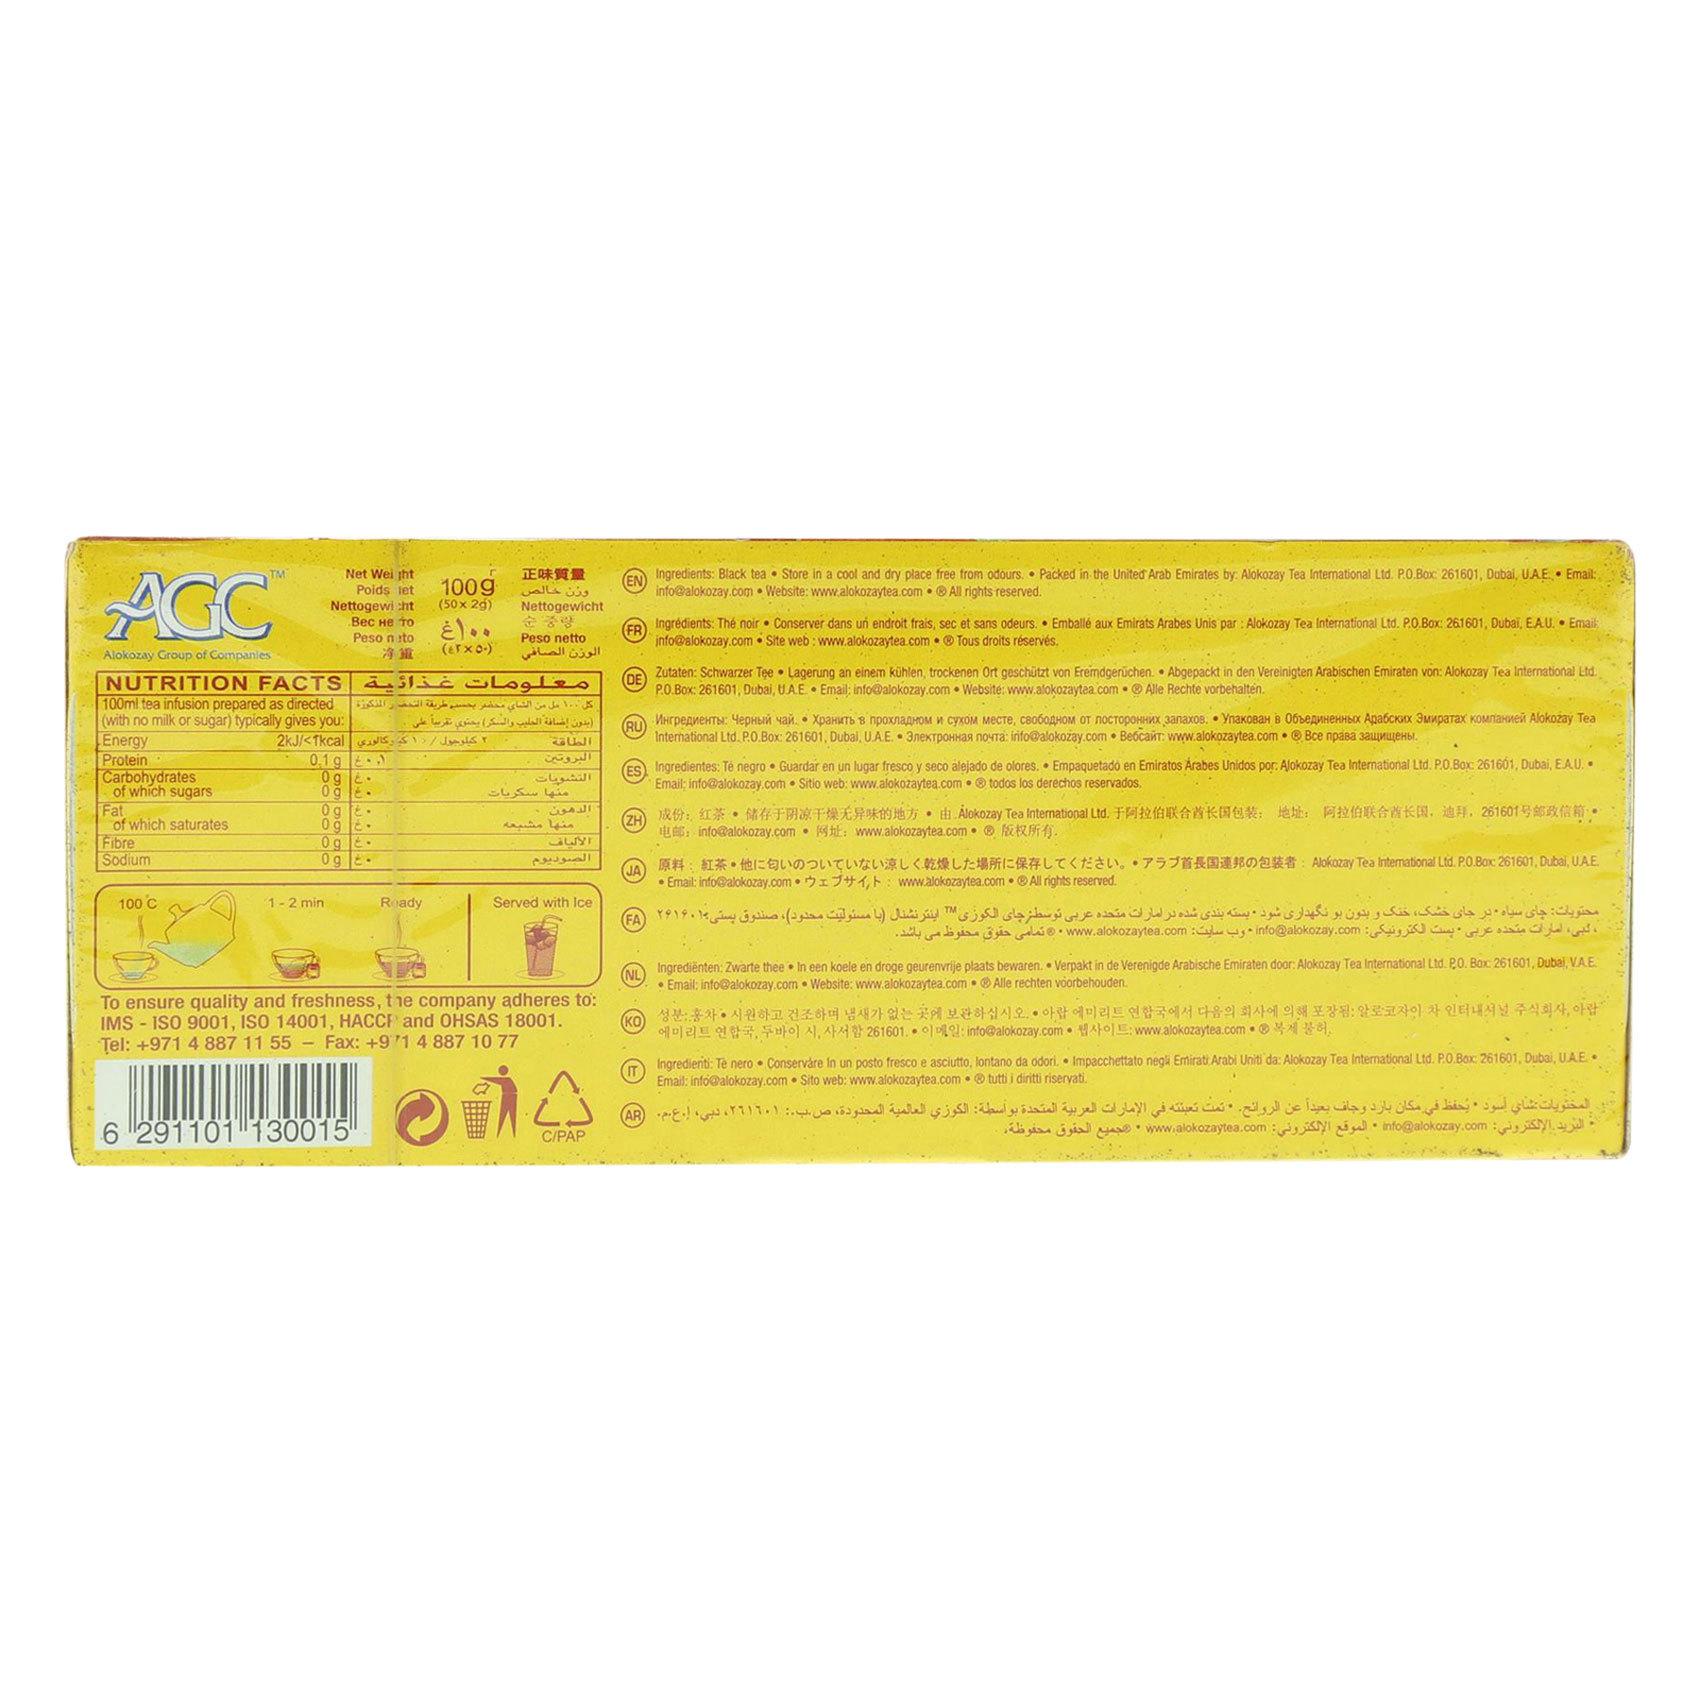 ALOKOZAY TEA BLACK 50'S 100G